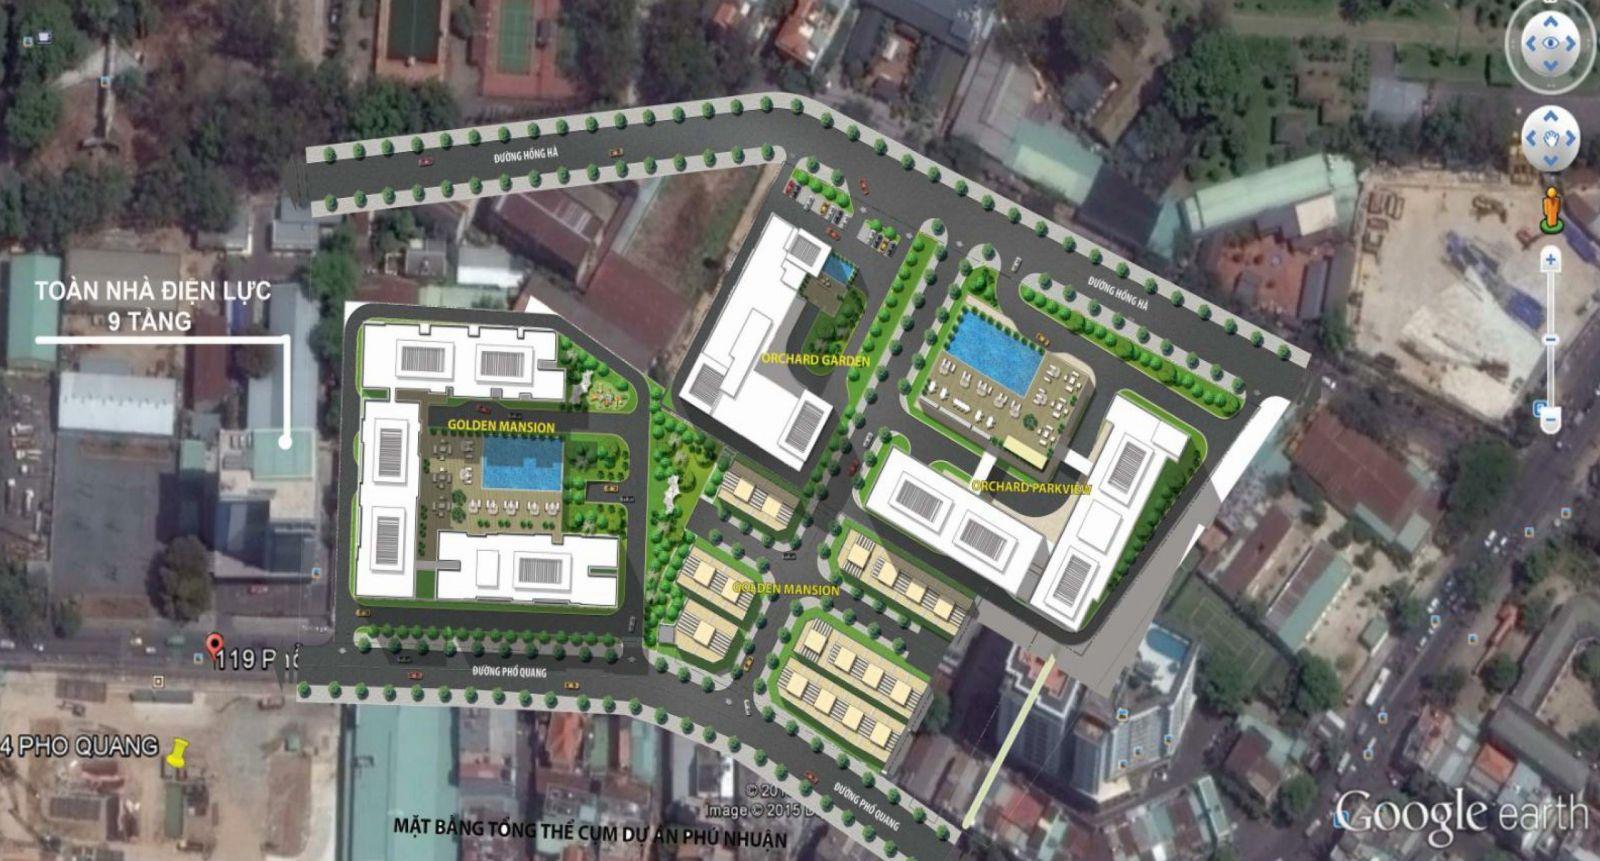 Cho thuê căn hộ chung cư Orchard Garden